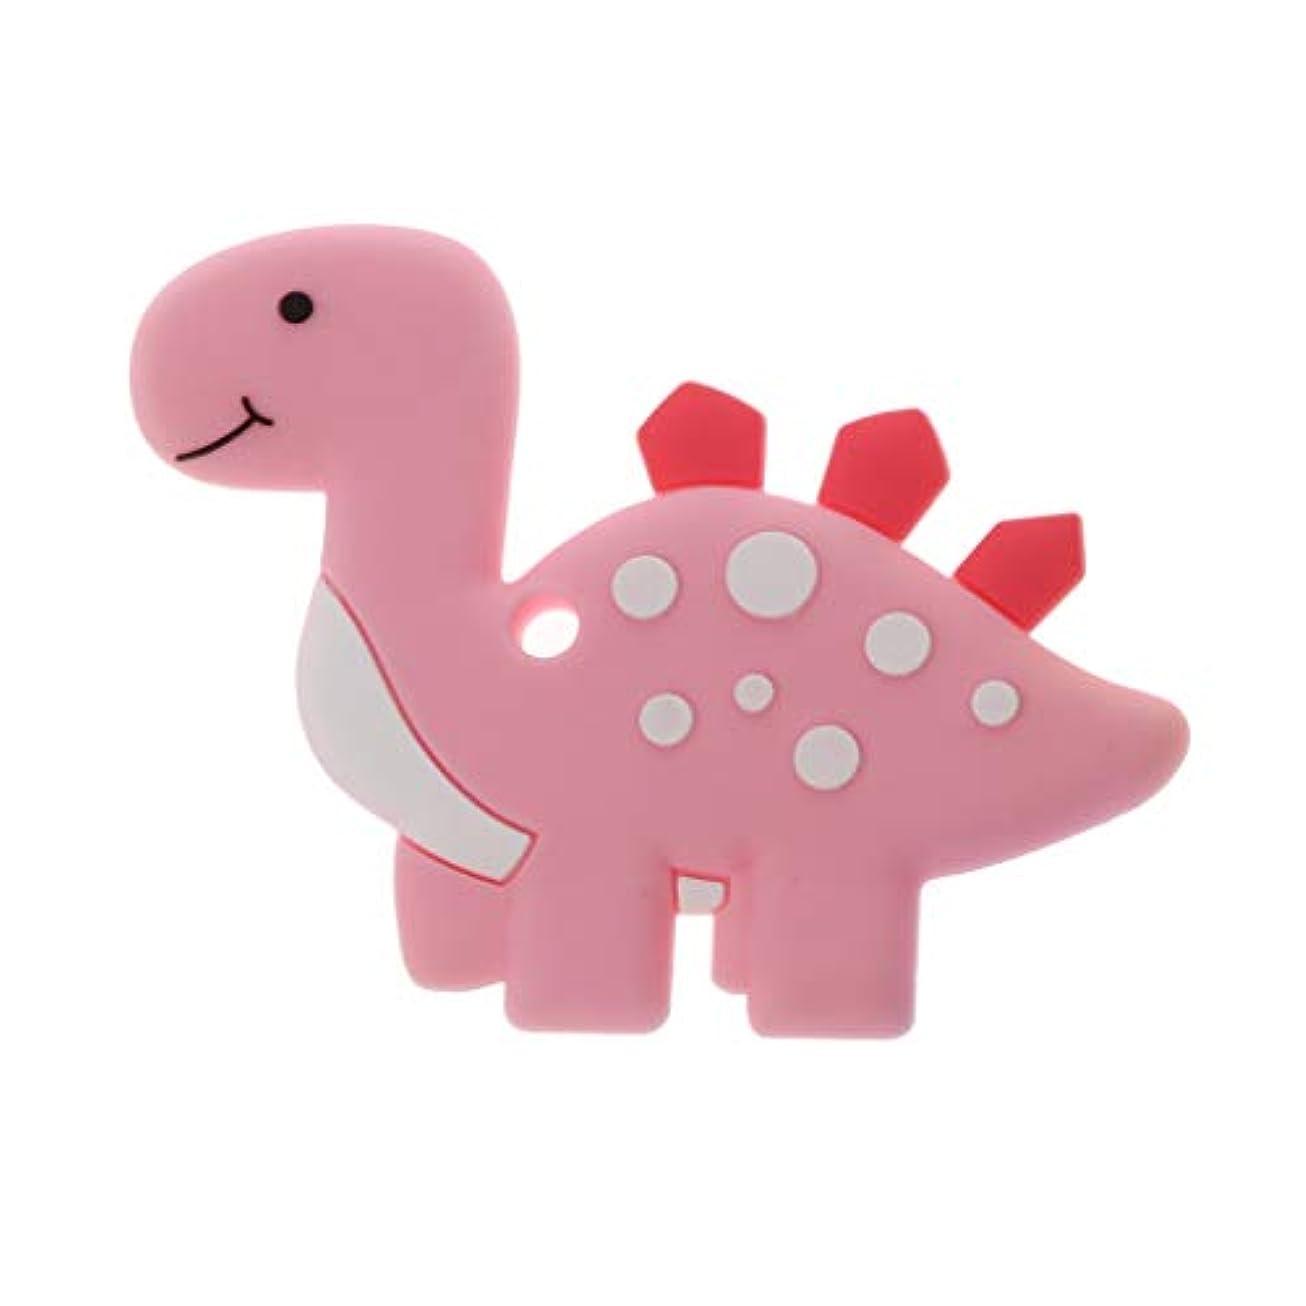 Landdumシリコーンおしゃぶり恐竜おしゃべり赤ちゃん看護玩具かむ玩具歯が生えるガラガラおもちゃ - ロイヤルブルー